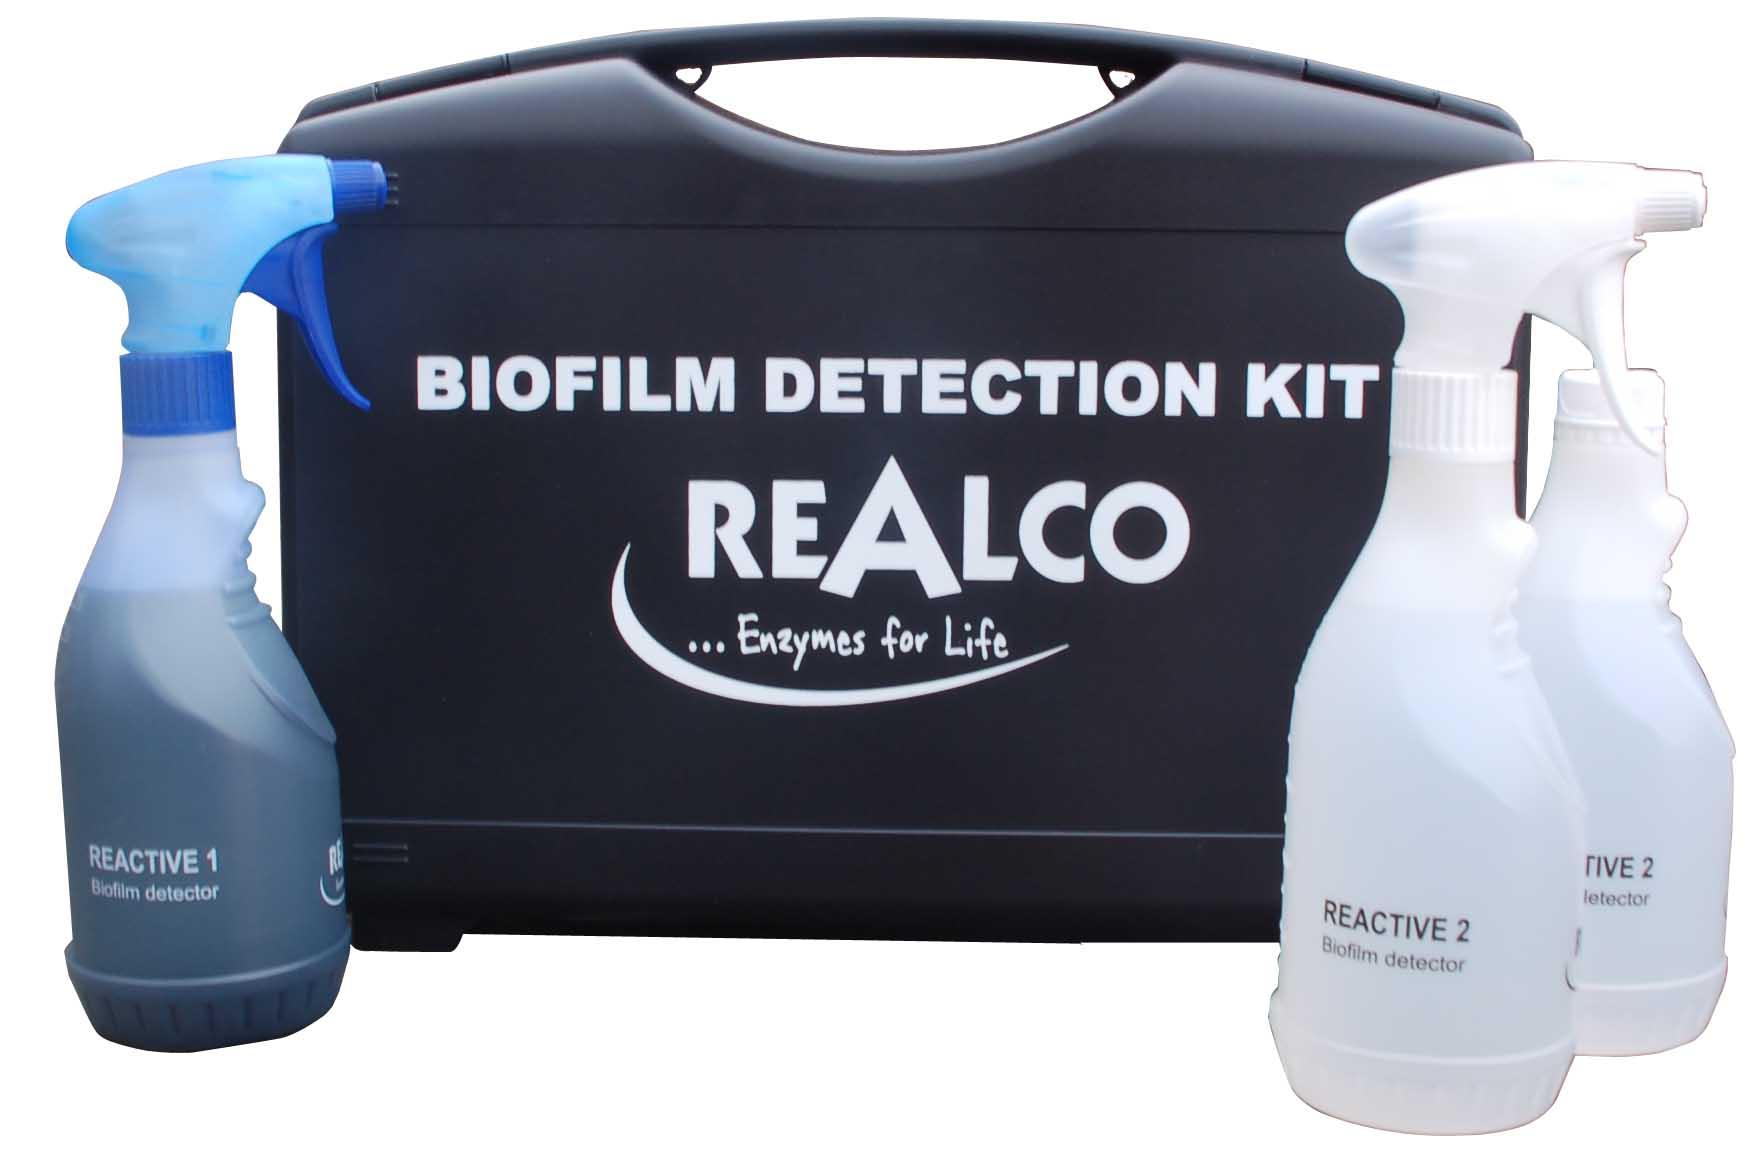 Biofilm Detection Kit